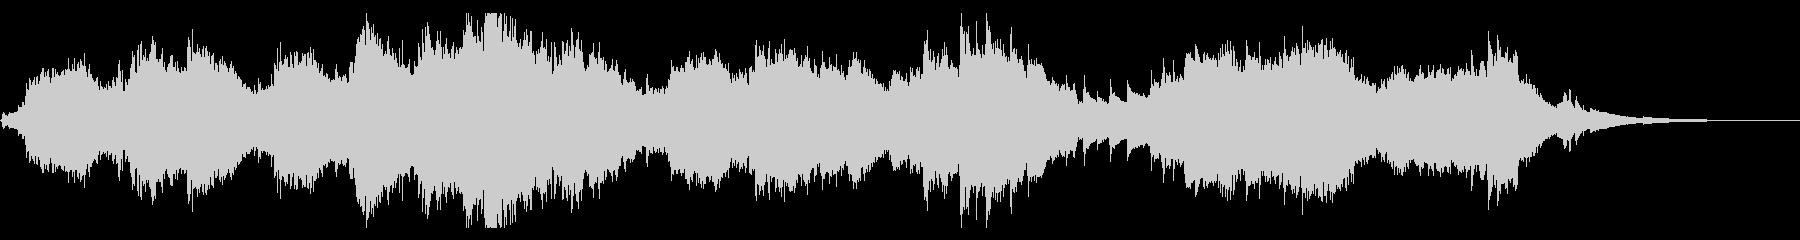 美しい ドビュッシー アラベスク の未再生の波形